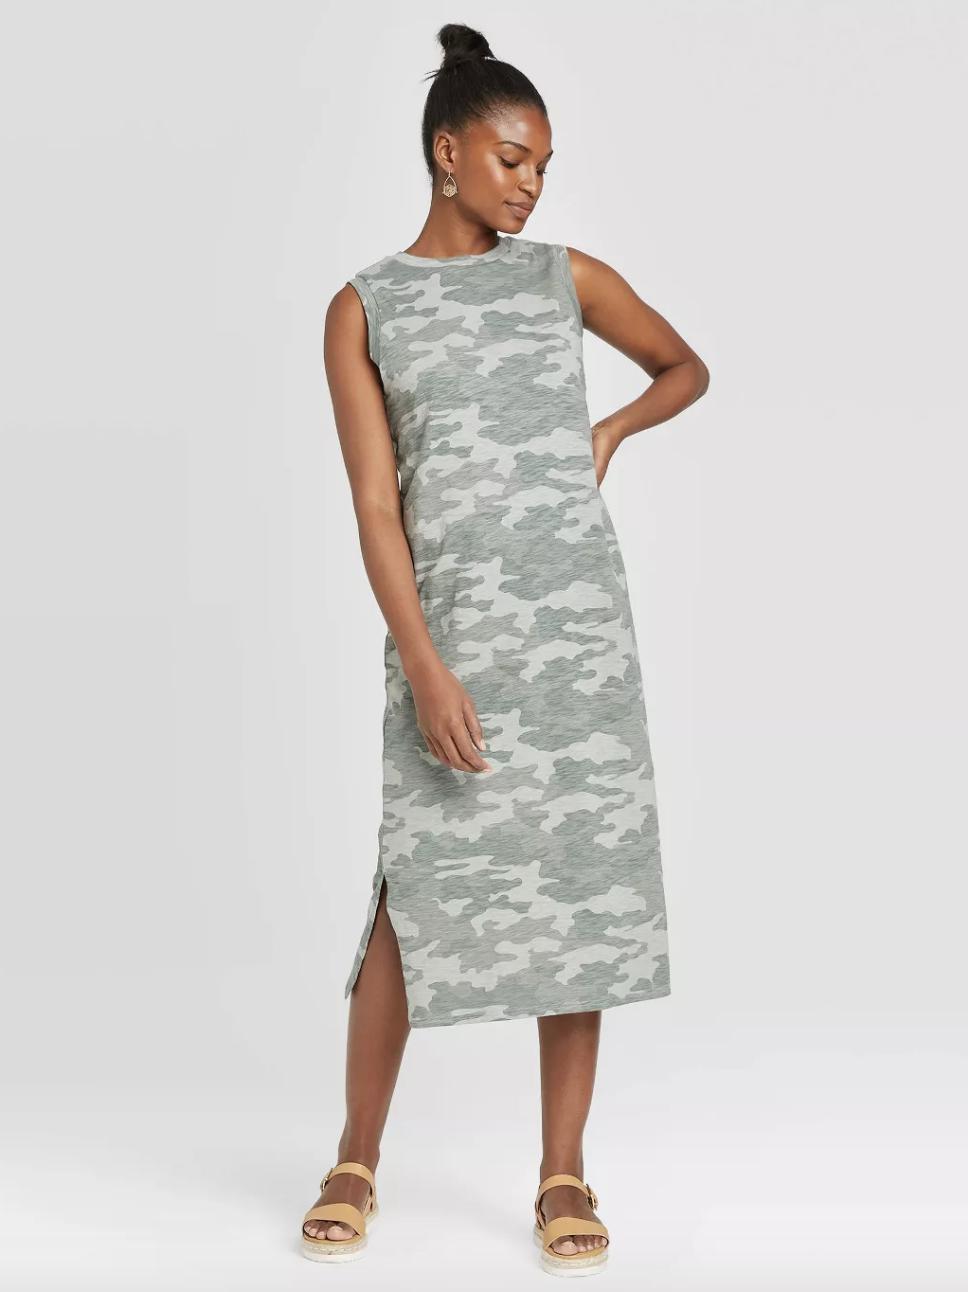 model wearing camouflage dress